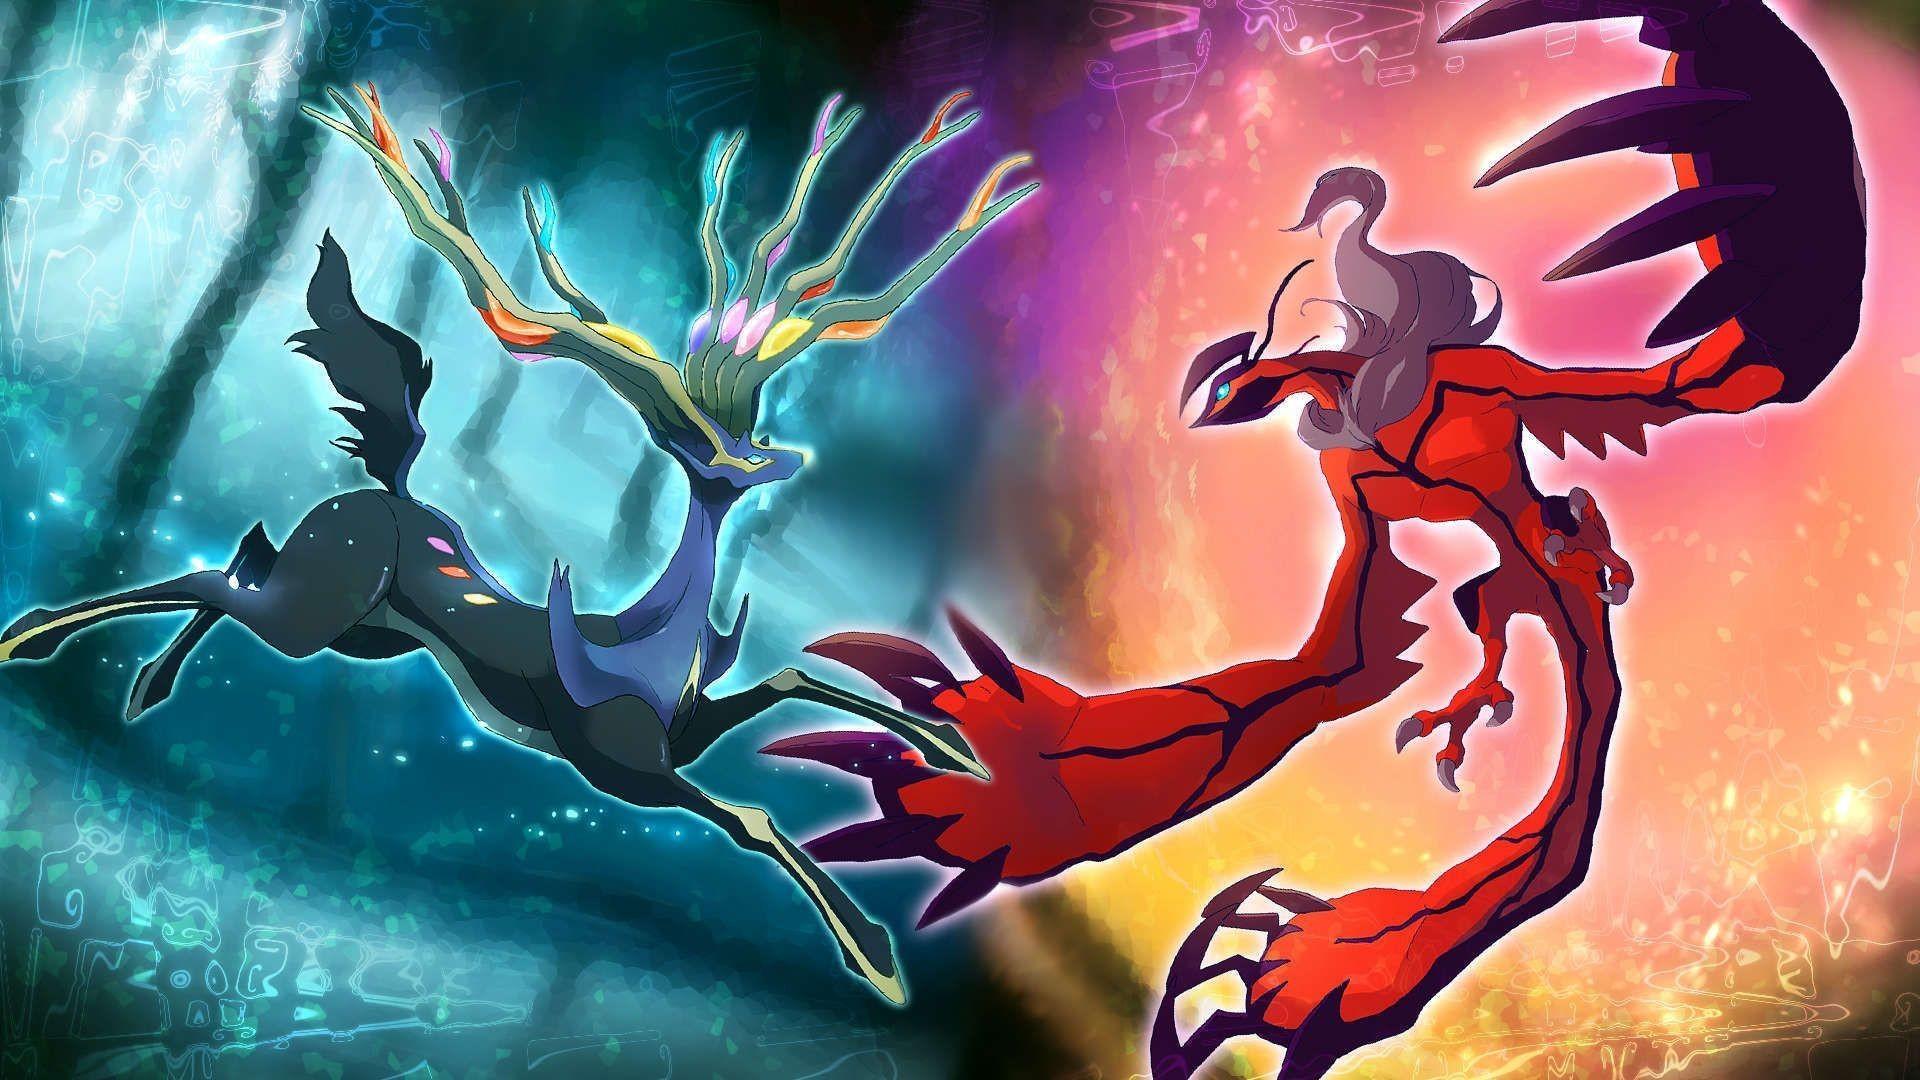 Dragon Pokemon Wallpapers, PC 44 Dragon Pokemon Wallpapers, NMgnCP